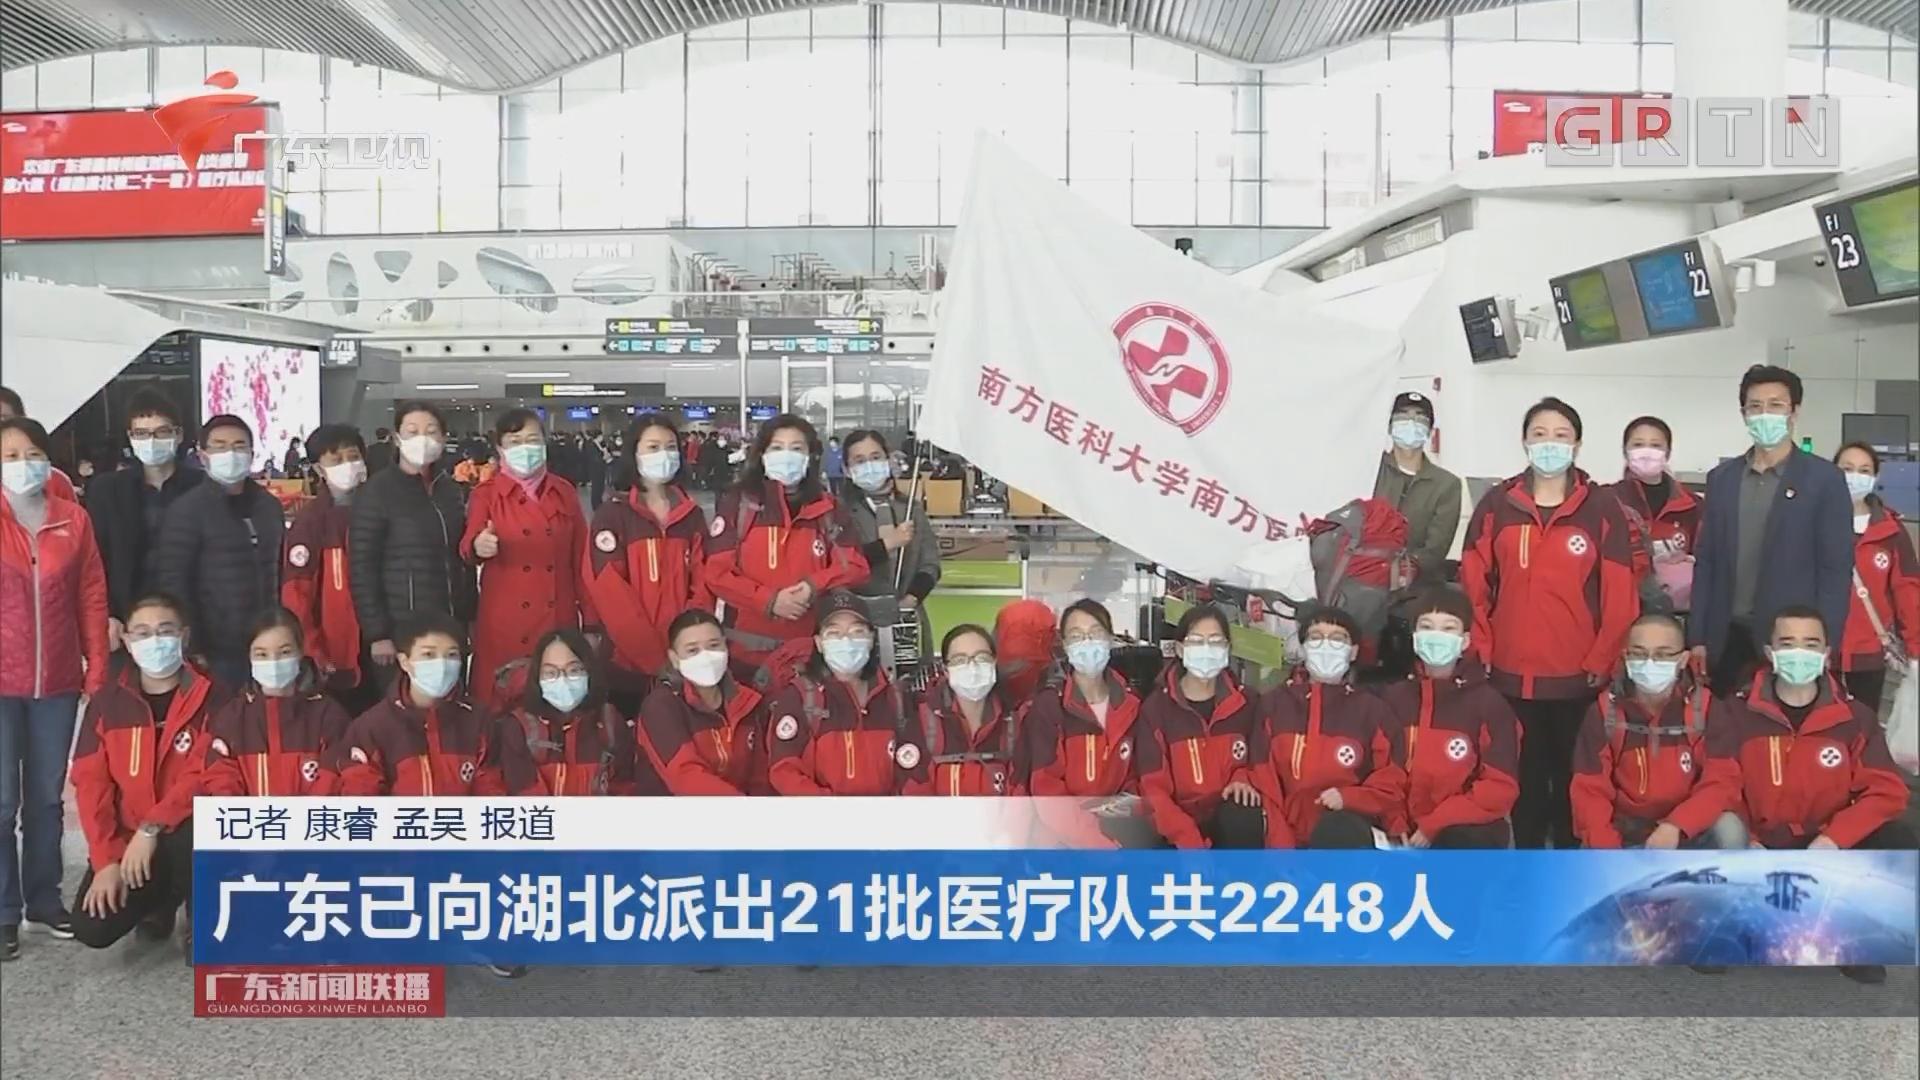 广东已向湖北派出21批医疗队共2248人